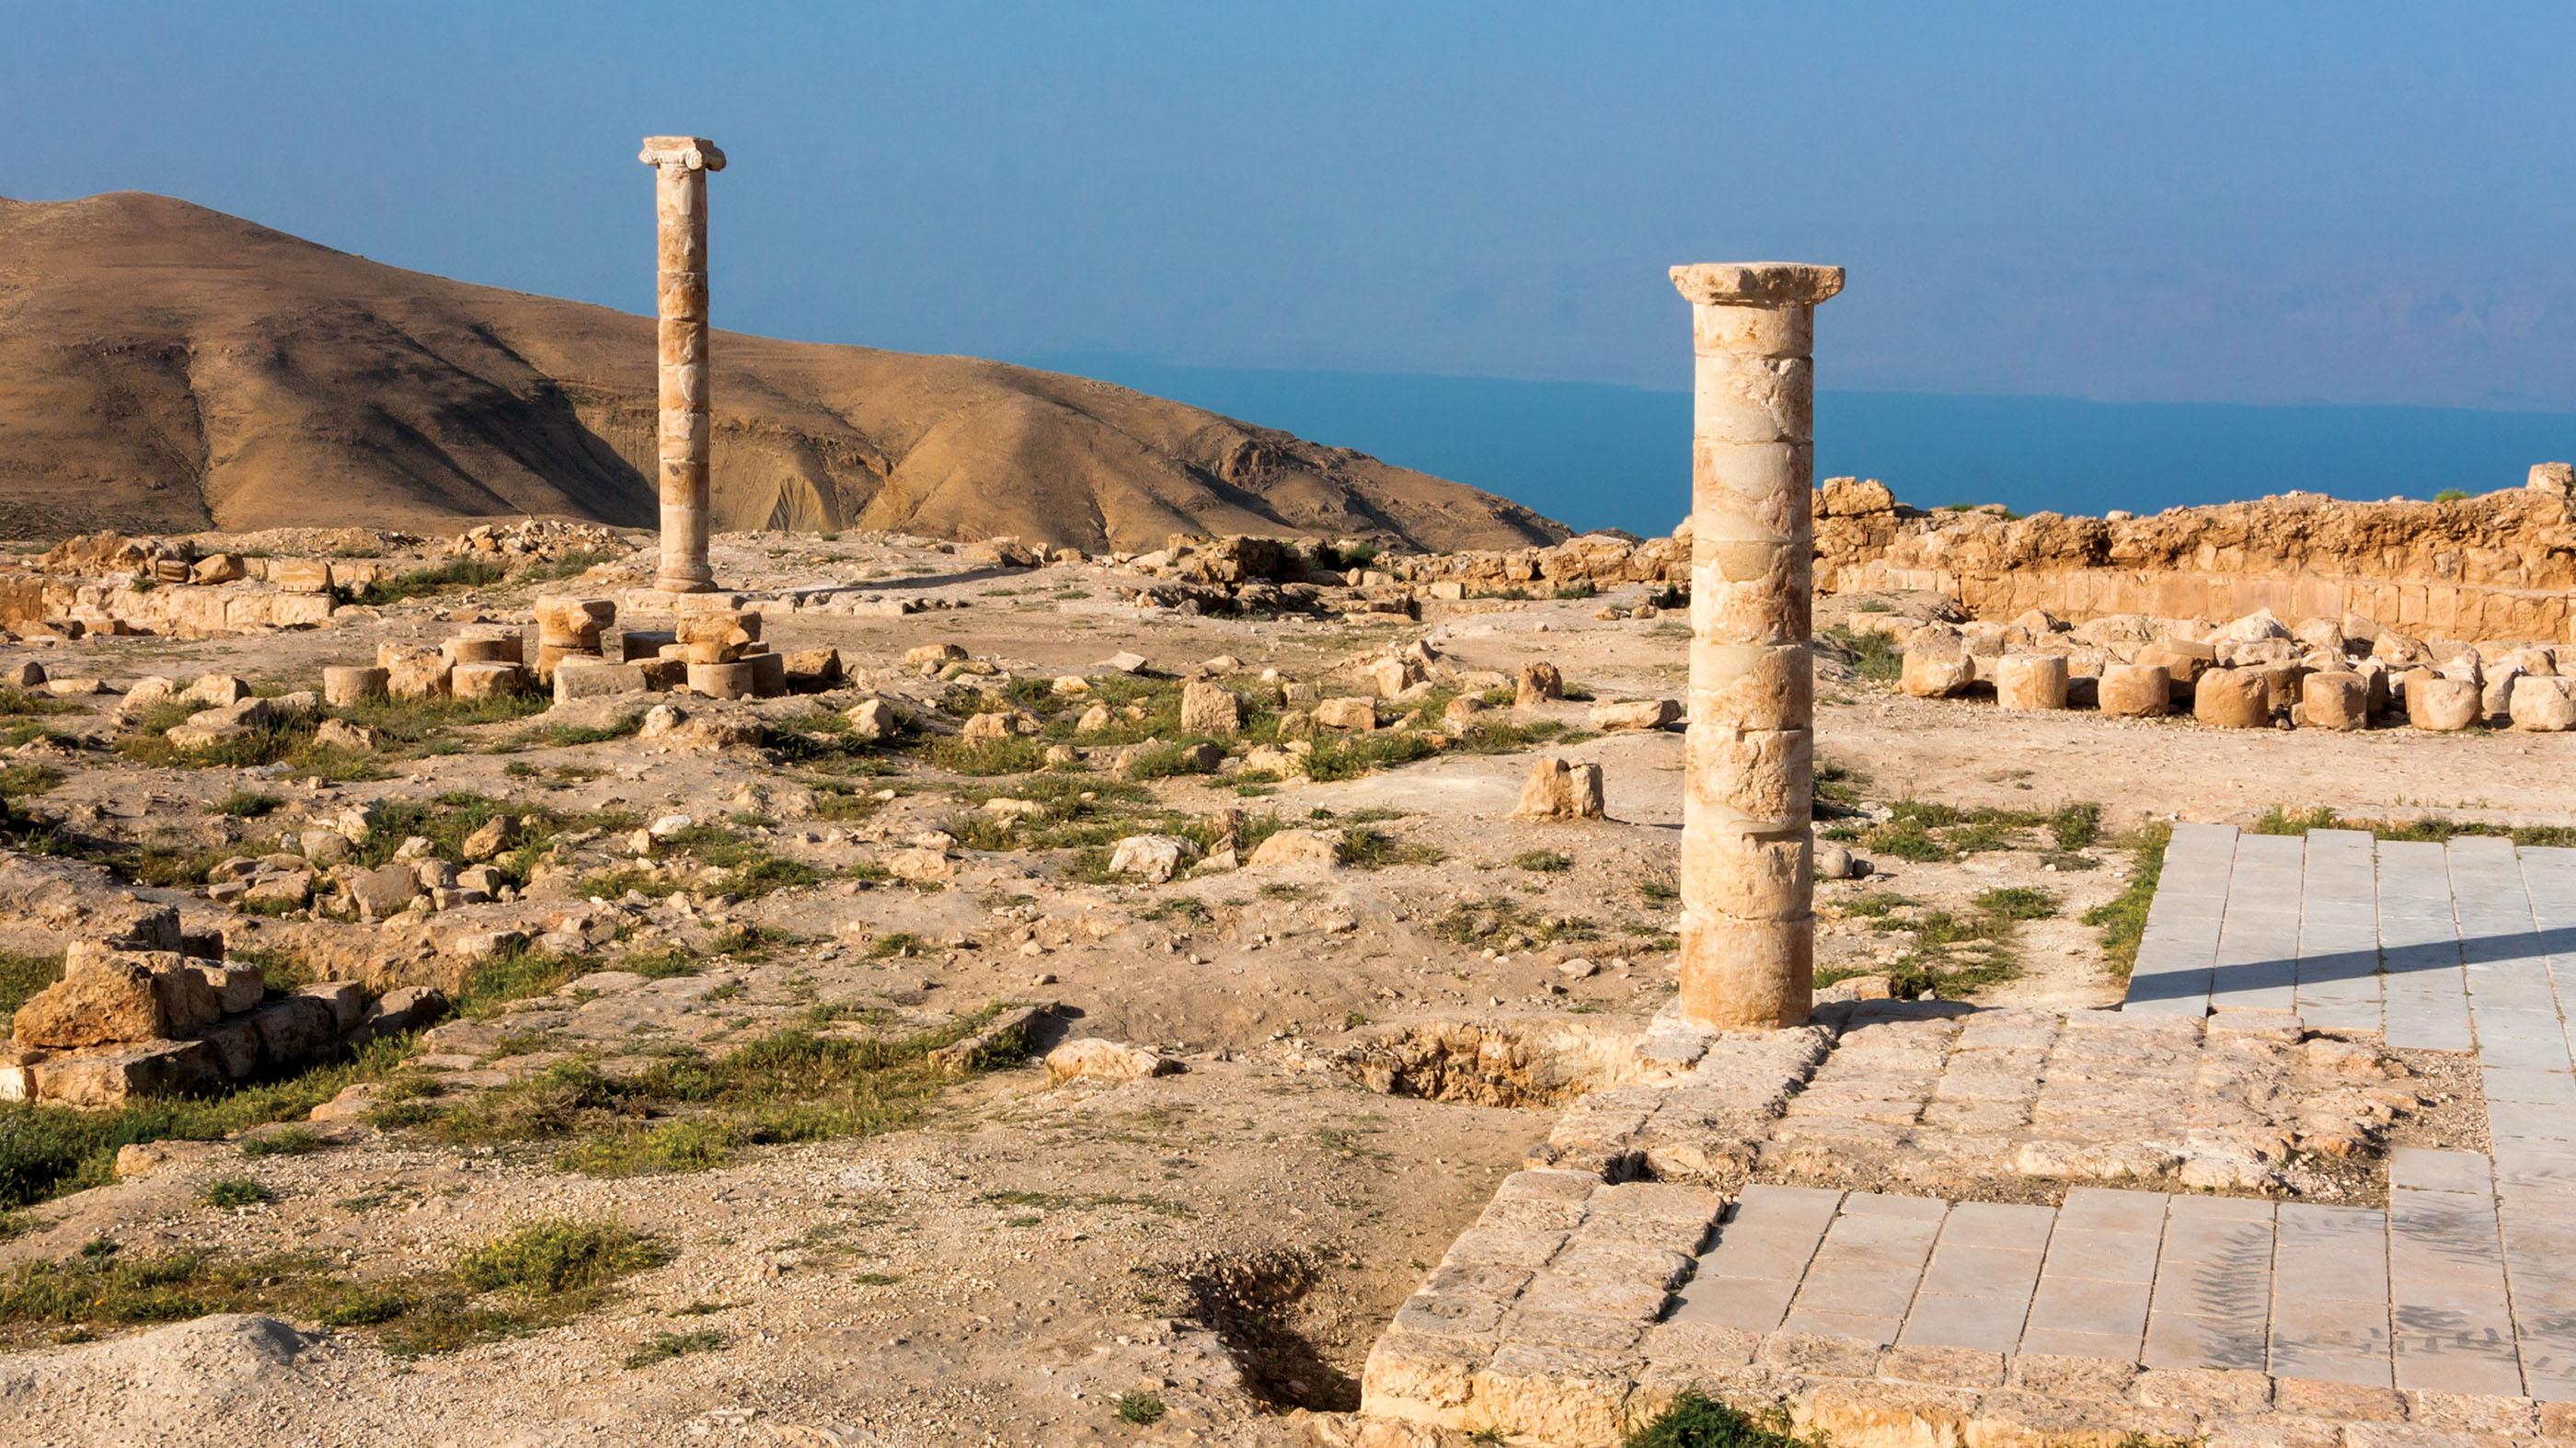 Les restes d'une partie de Machaerus peuvent être vus ici.